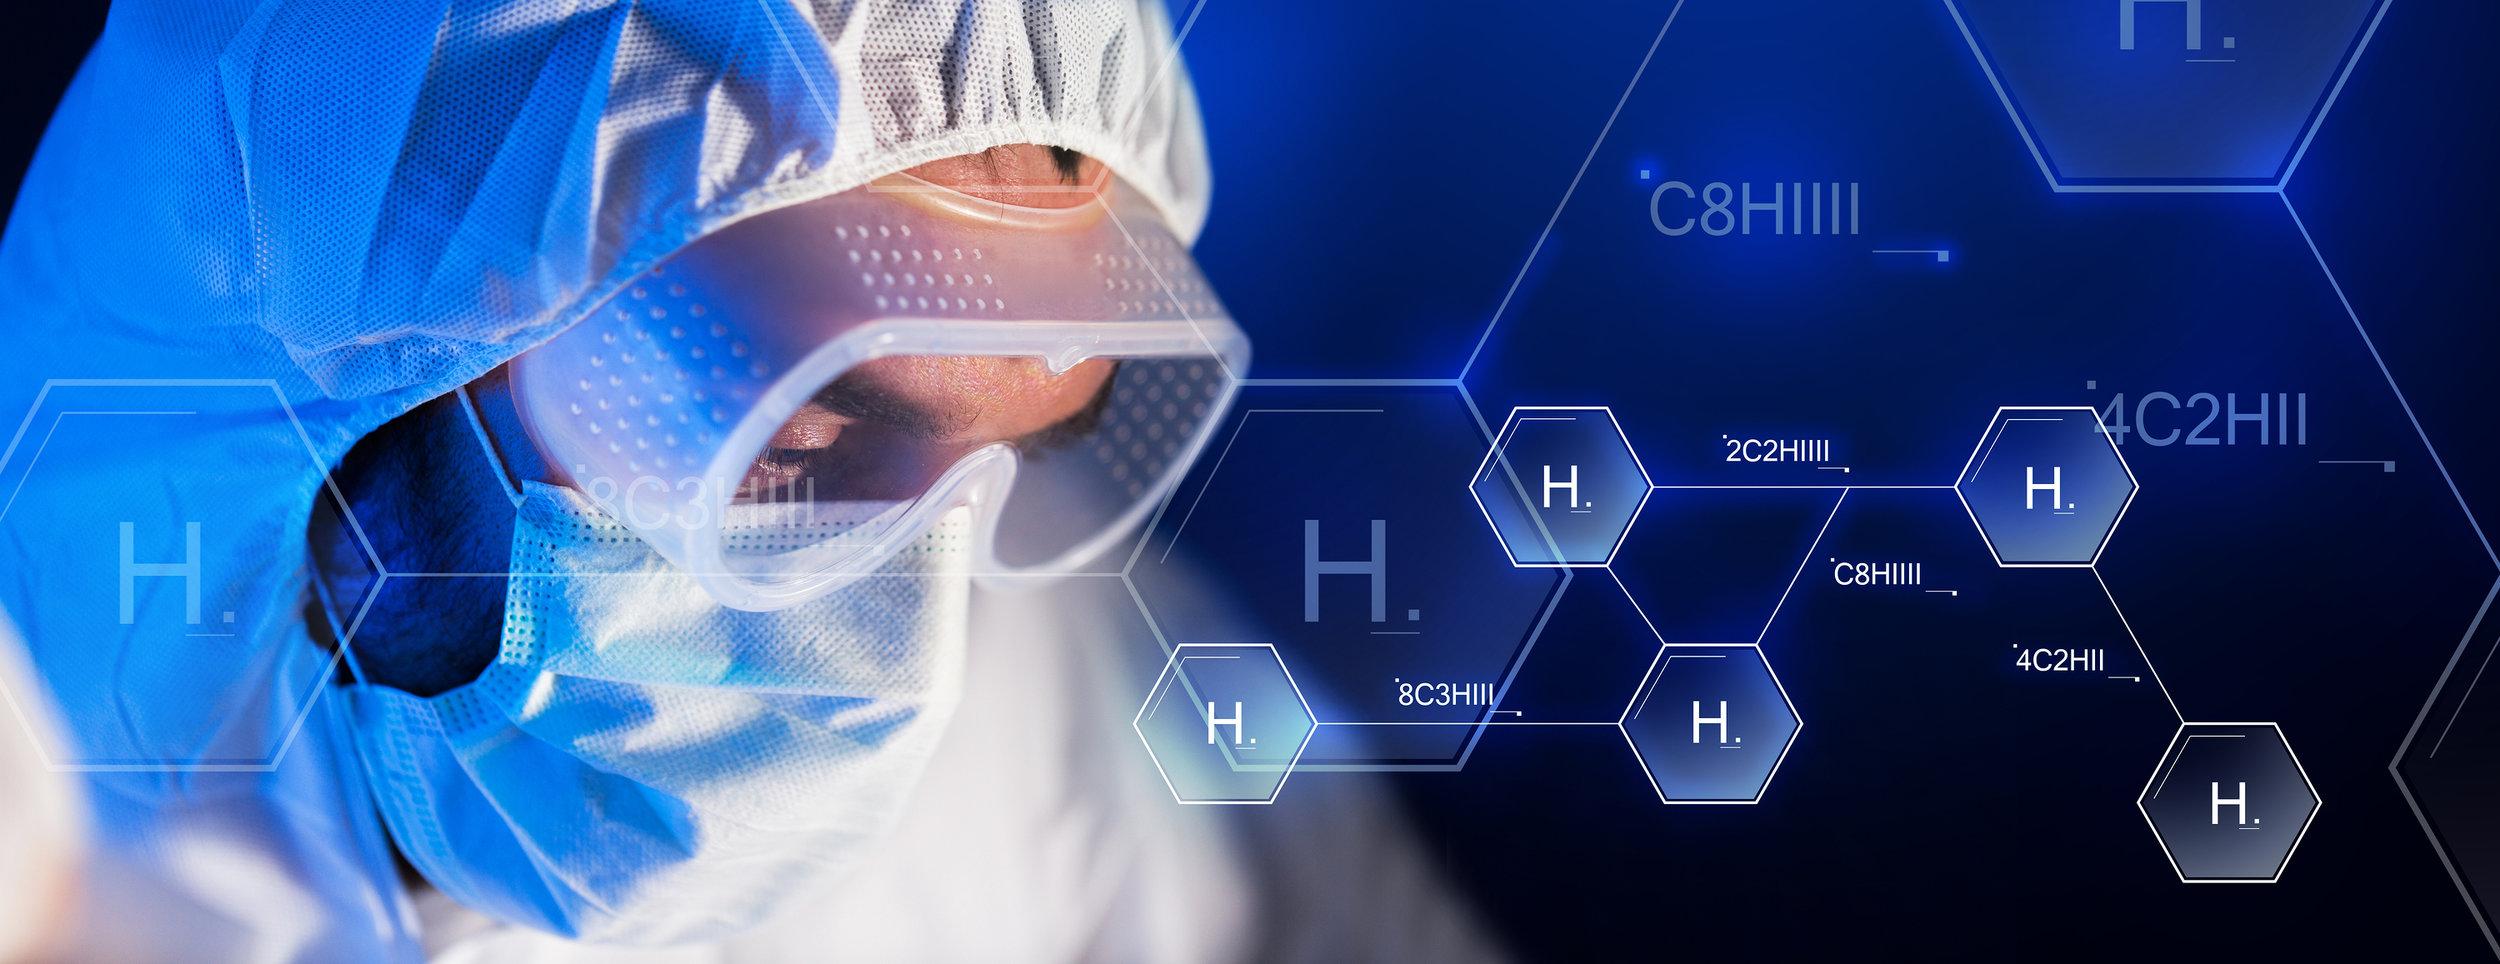 stemsys Extracellular matrix technology